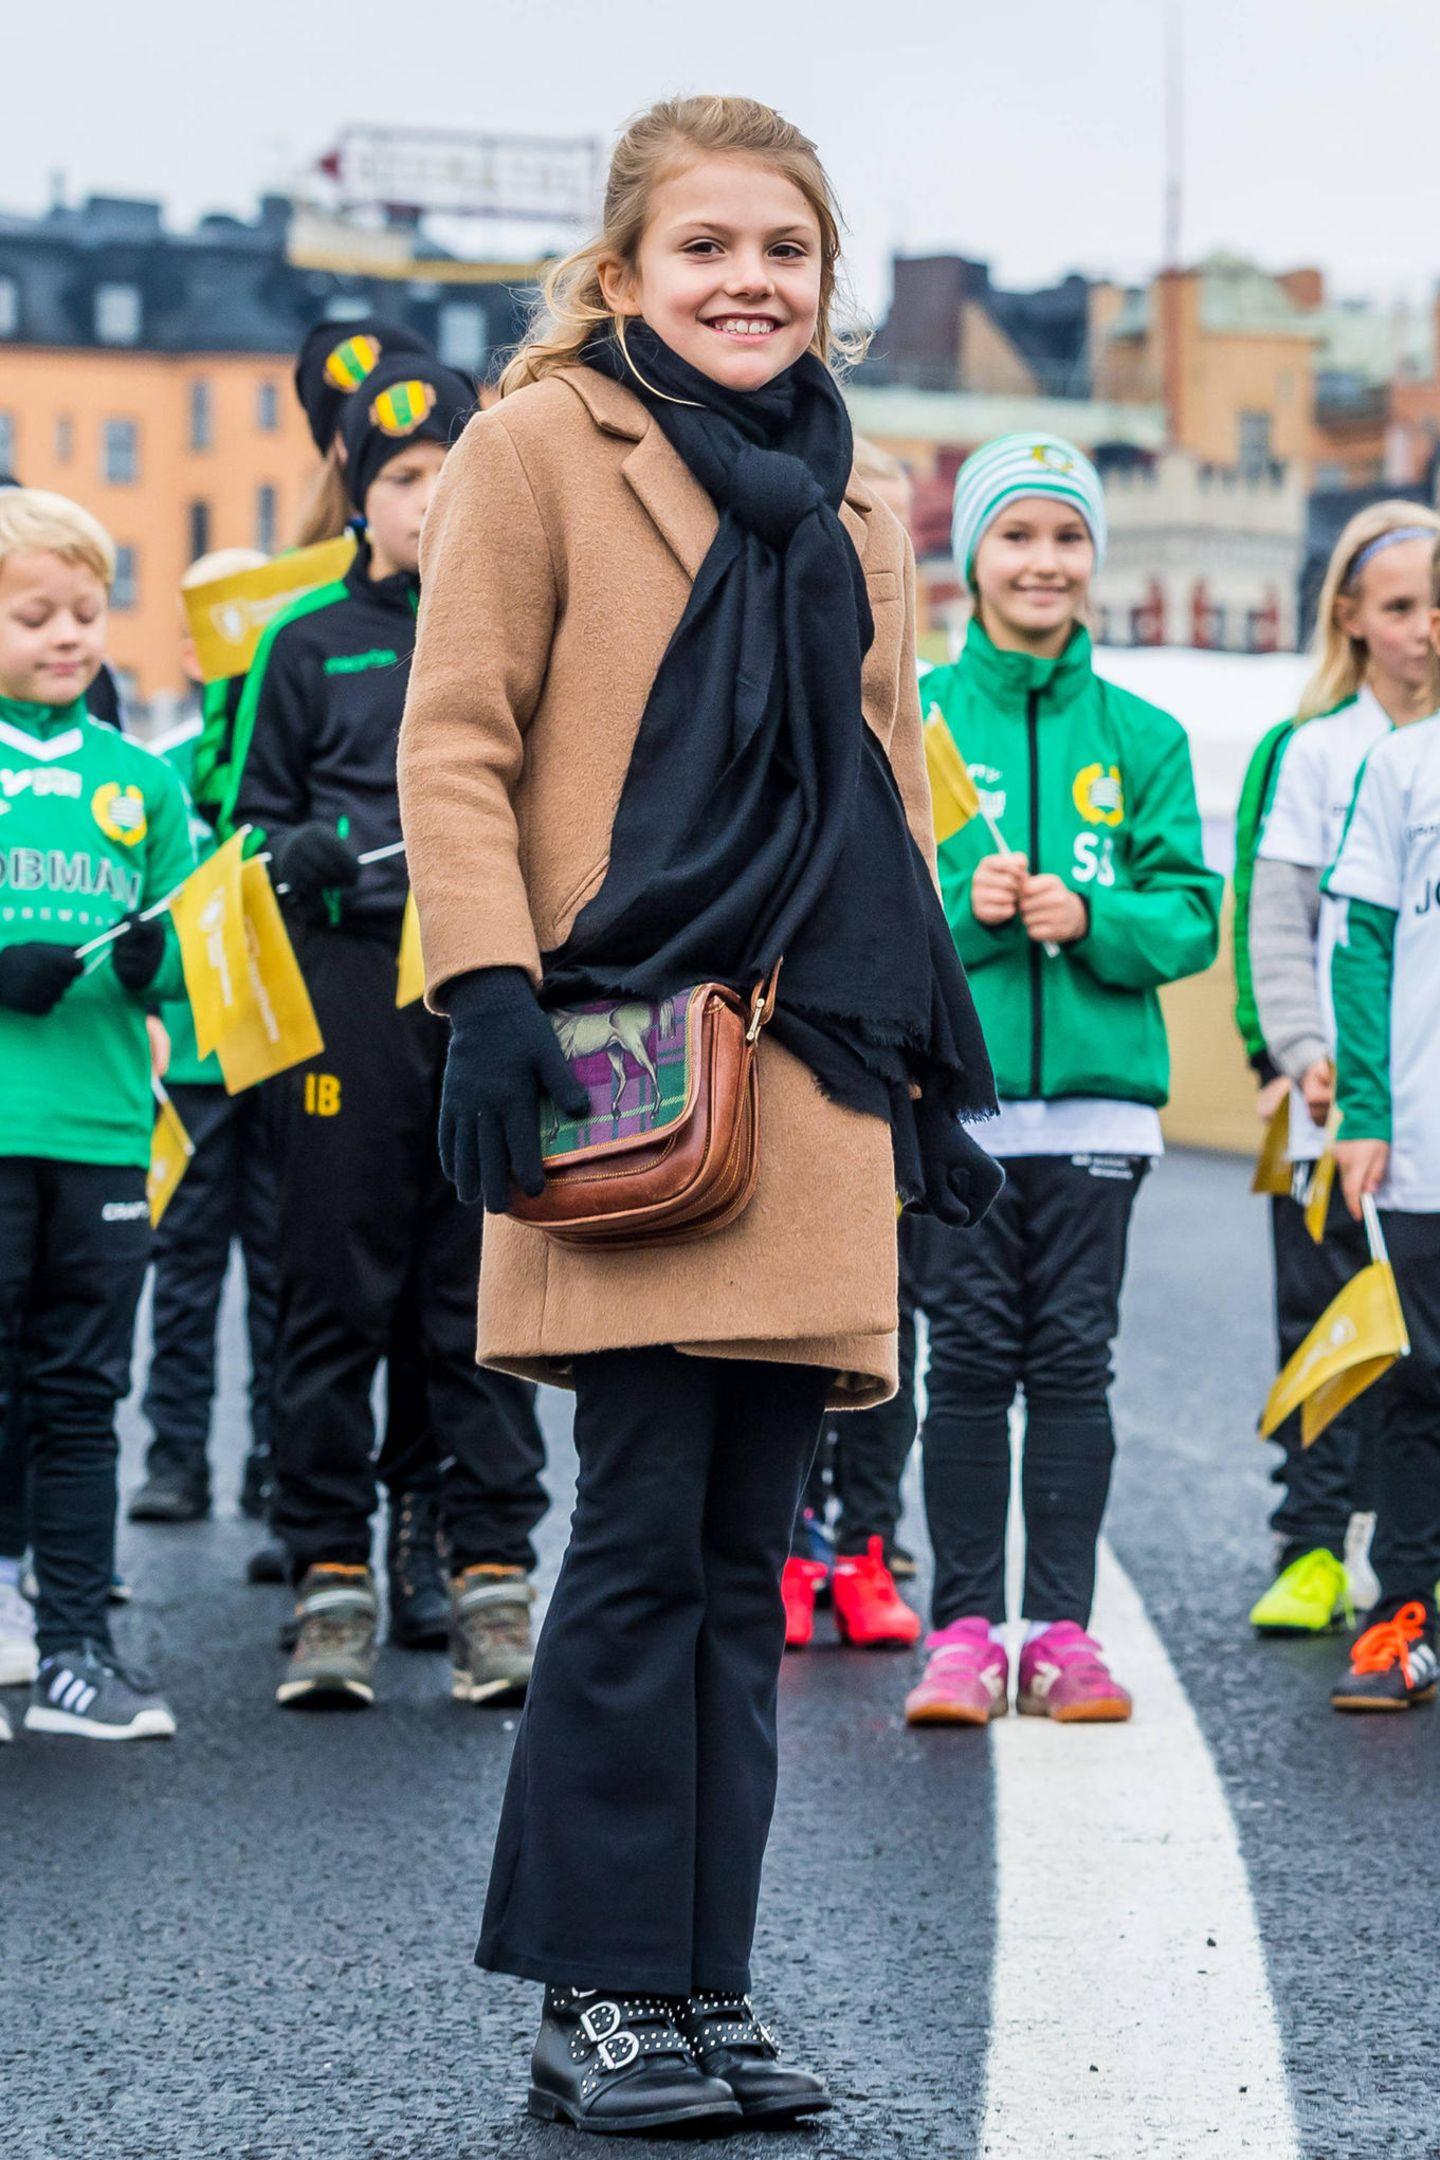 """Prinzessin Estelle ist mir ihren acht Jahren schon ein großes Fashion-Vorbild. Im Camel-Coat und mit schwarzer Schlaghose strahlt siebei der Einweihung der Schleusenbrücke """"Slussbron"""" in Stockholm. Doch so erwachsen ihr Look auf den ersten Blick auch scheinen mag: Mit ihrer niedlichen Pferde-Tasche gibt Estelle dem Outfit ihre ganz eigene Note und macht dieherbstliche schwarz-beige-Kombination zum Hingucker."""